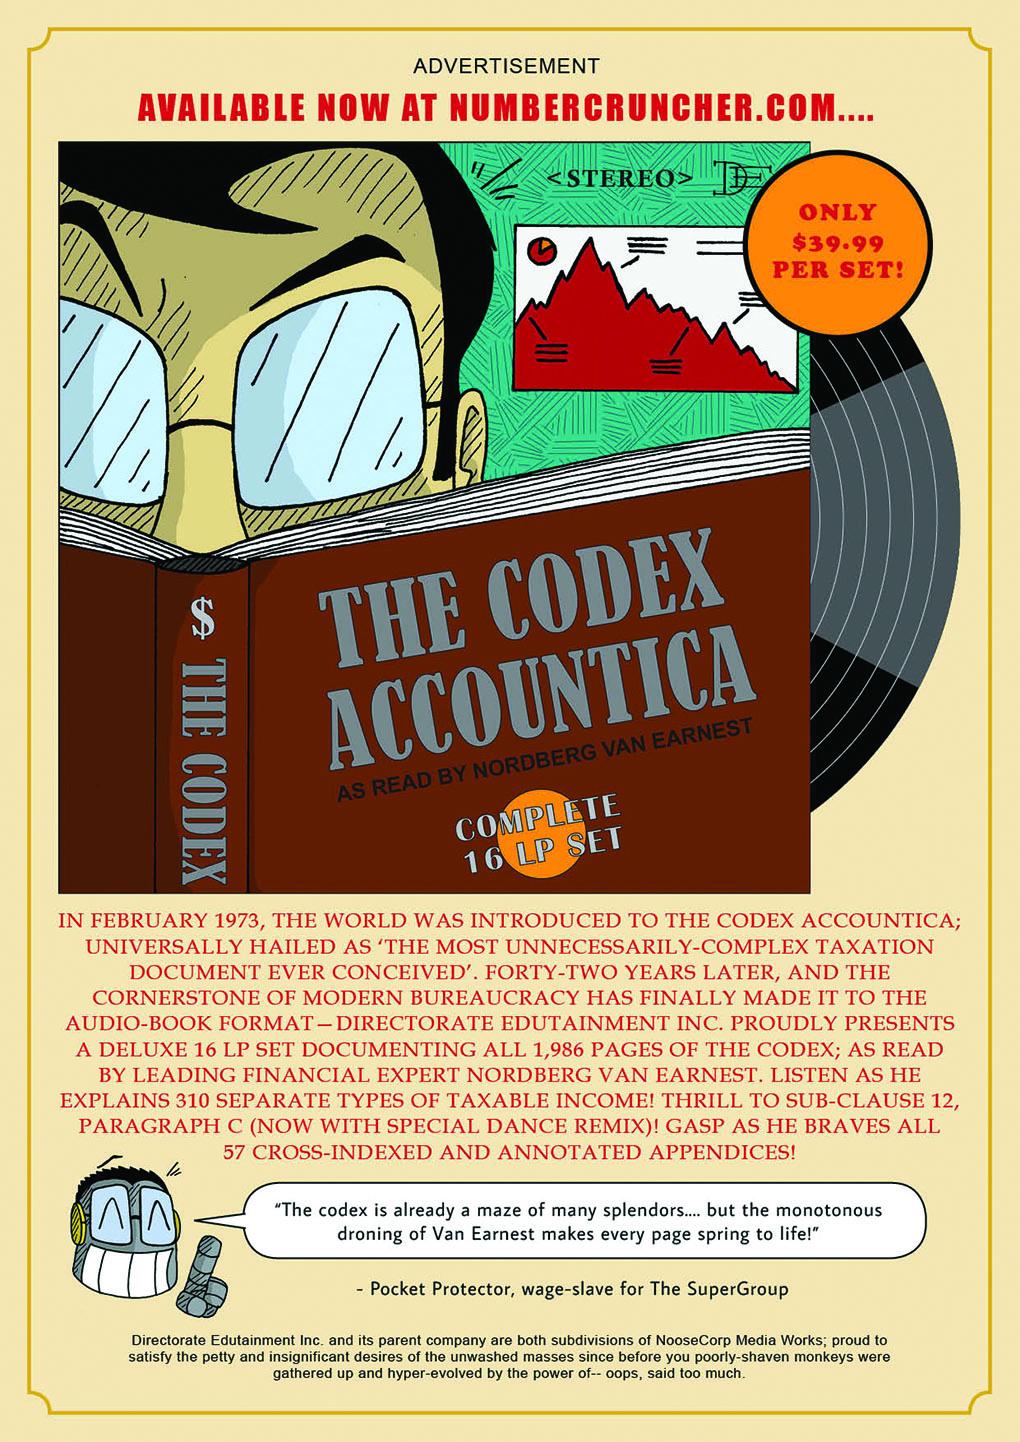 The Codex Accountica....